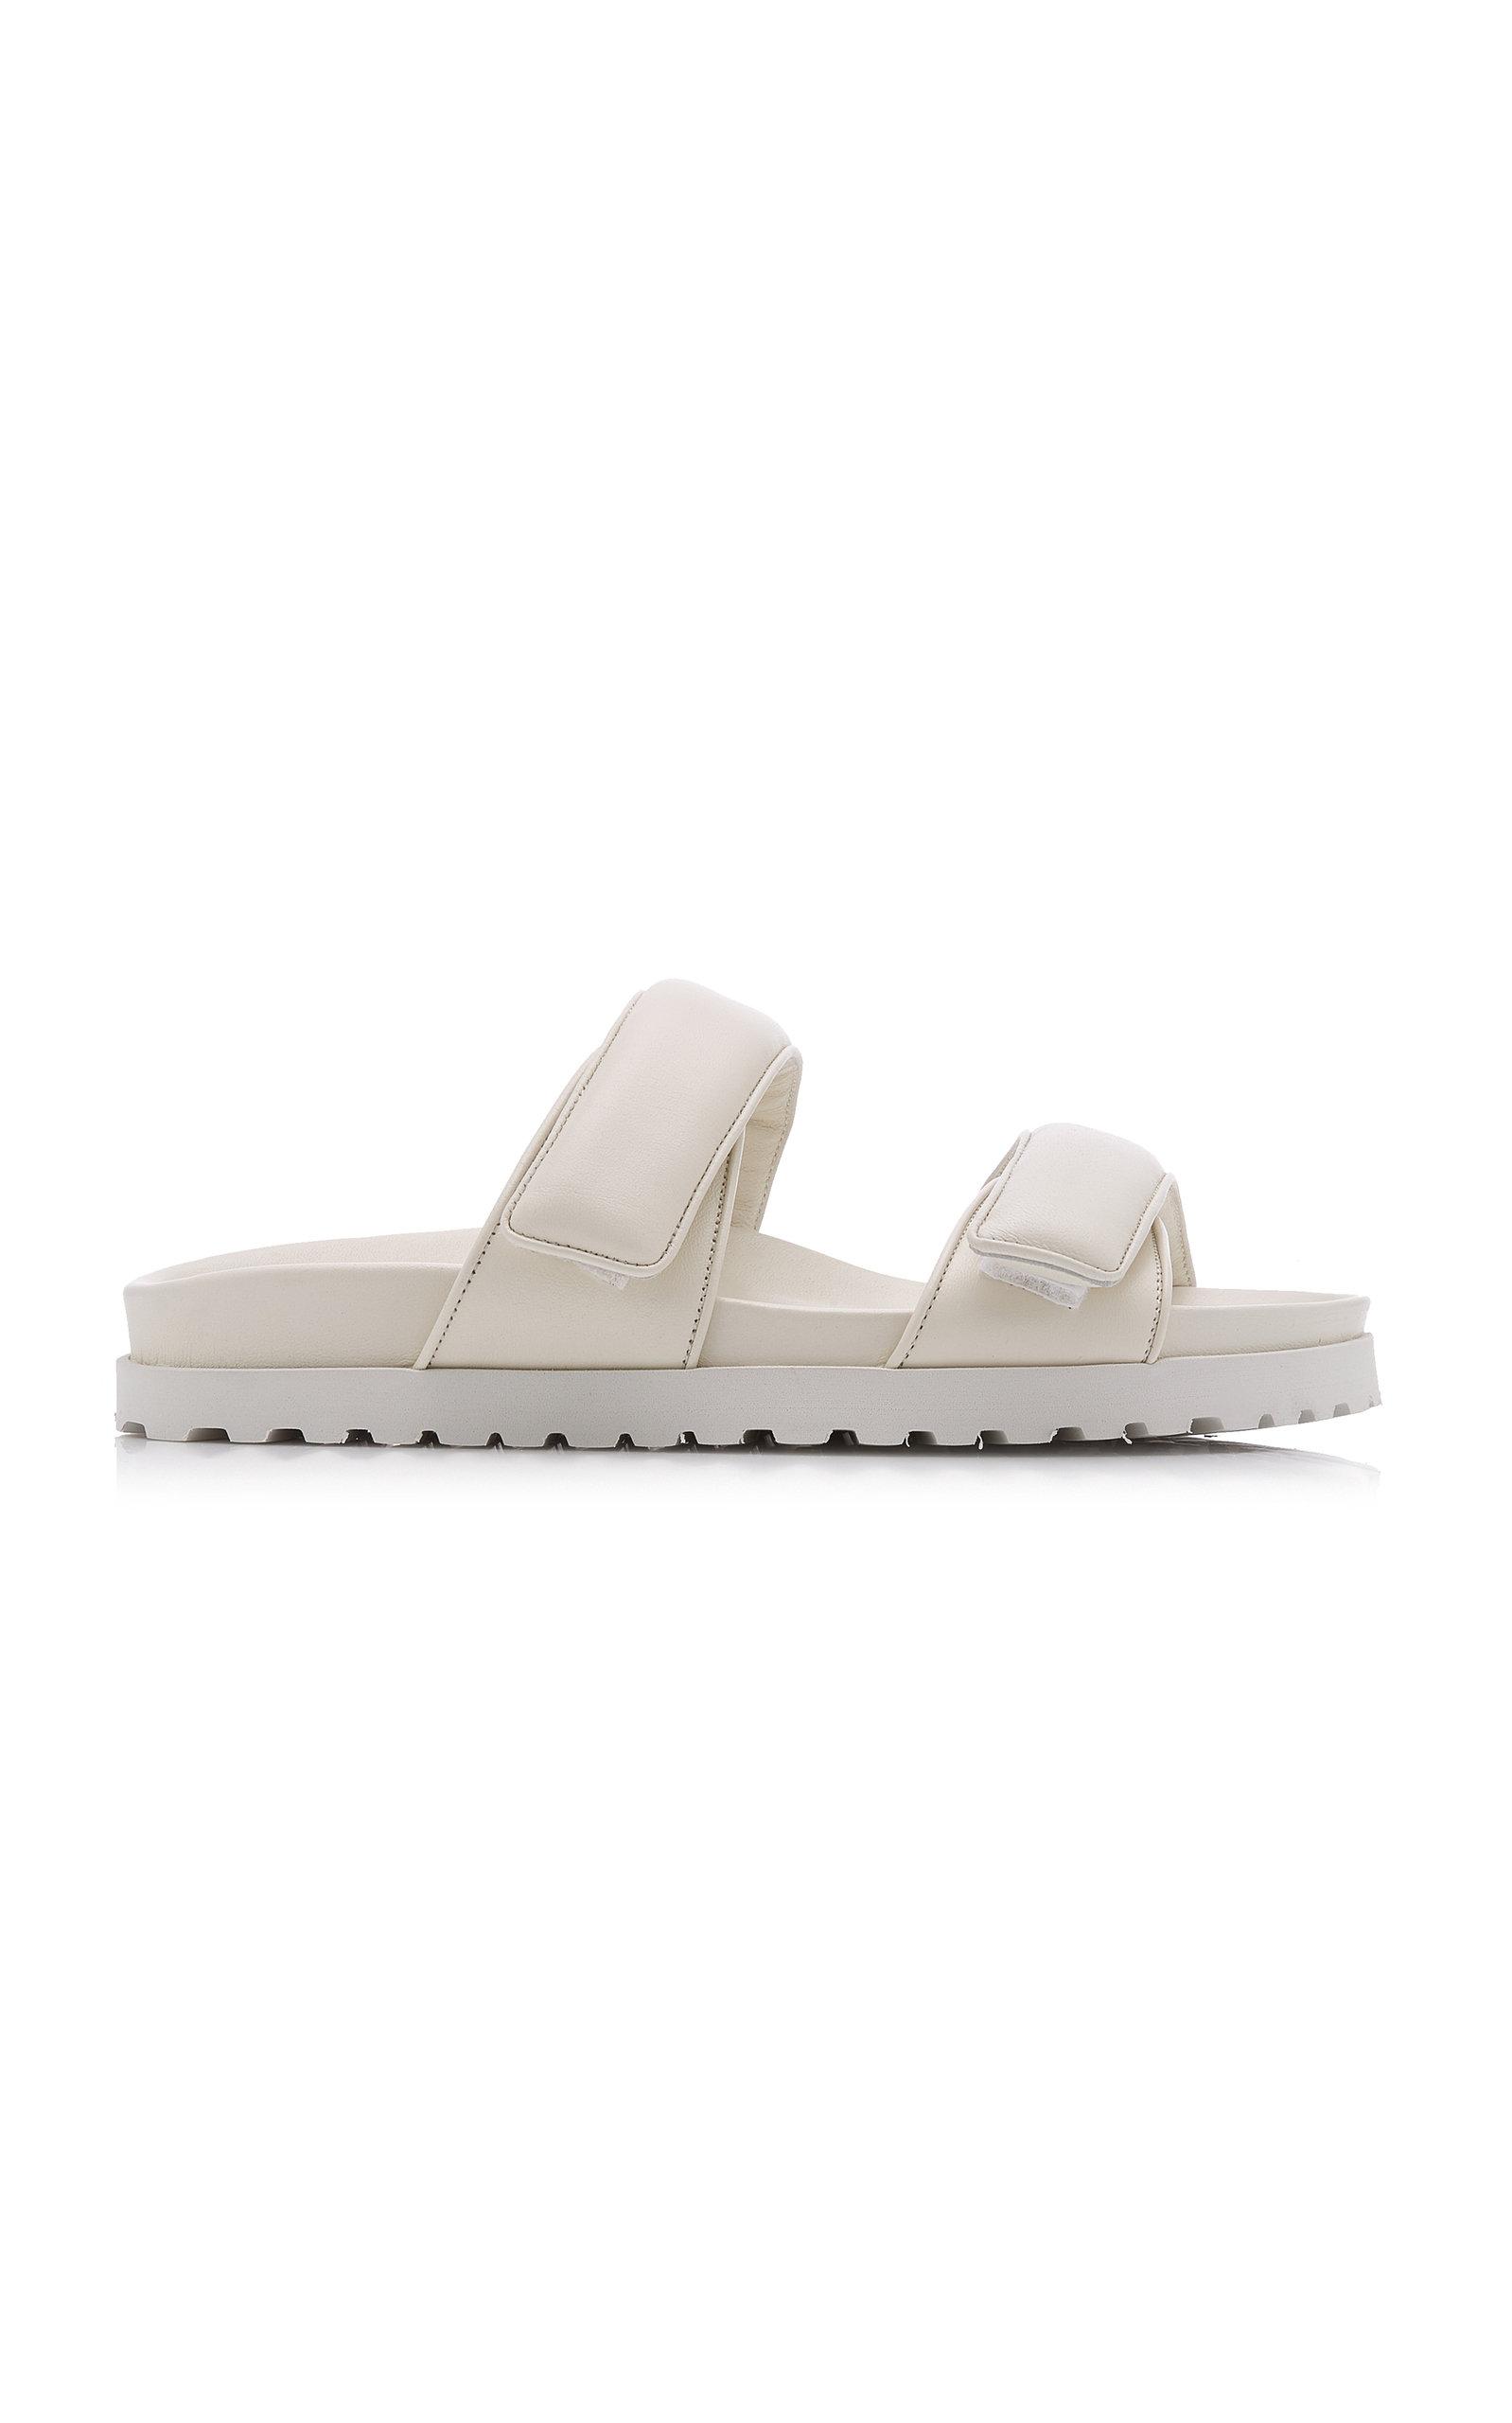 Women's Padded Leather Platform Slide Sandals